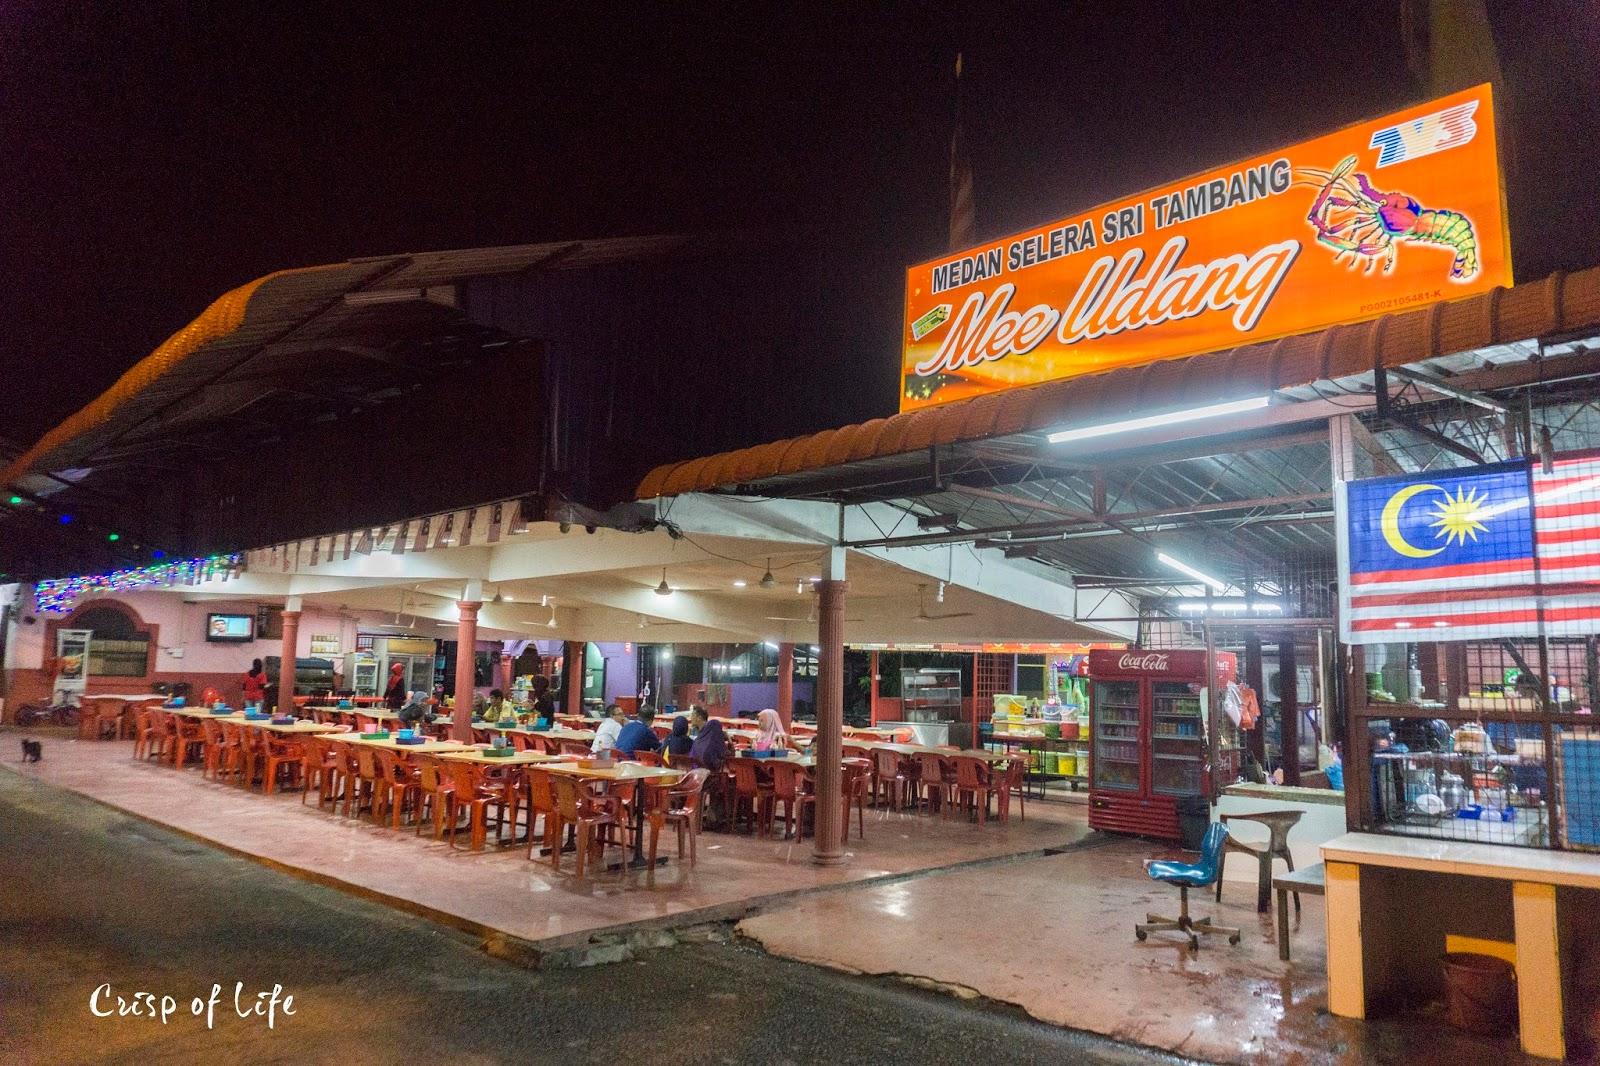 Medan Selera Sri Tambang Mee Udang @ Sungai Dua, Butterworth, Penang